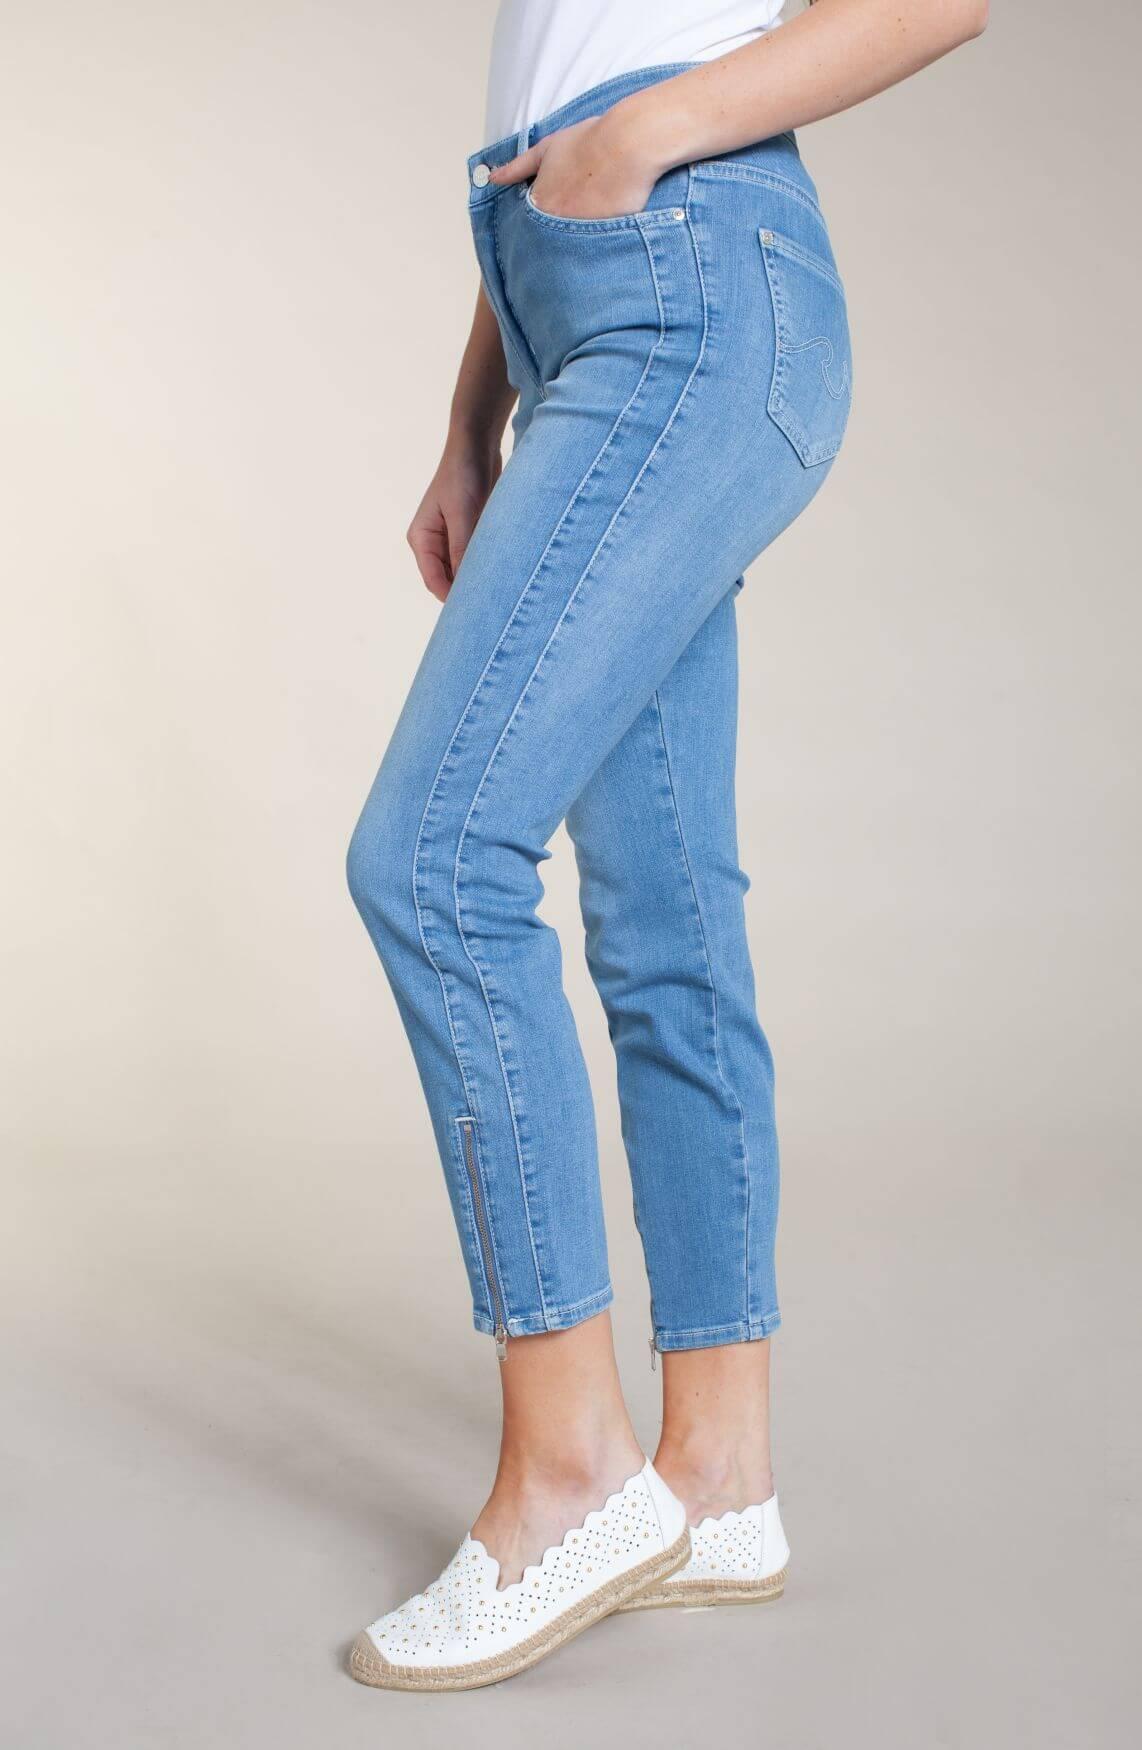 Rosner Dames Audrey jeans met rits Blauw